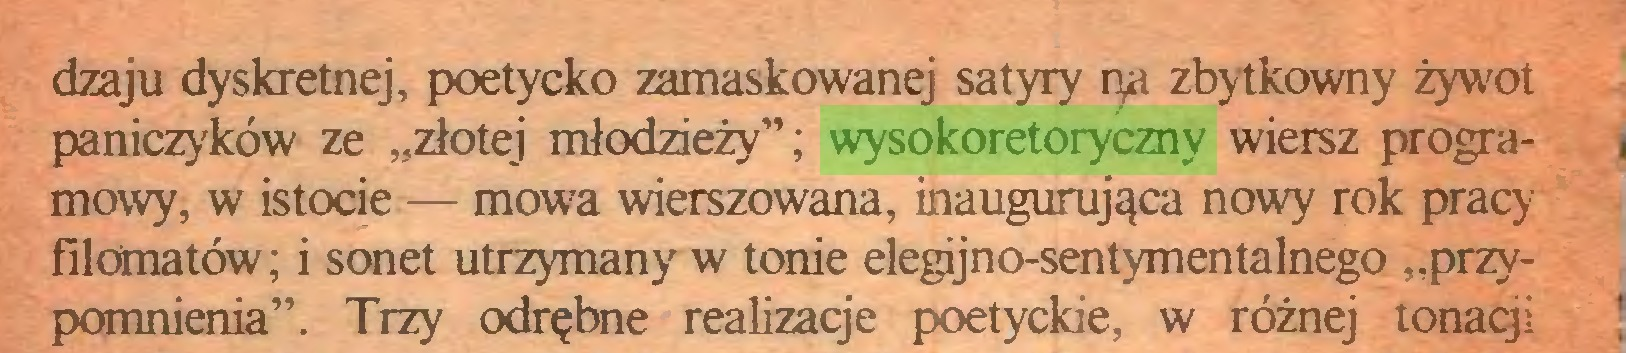 """(...) dzaju dyskretnej, poetycko zamaskowanej satyry ryi zbytkowny żywot paniczyków ze """"złotej młodzieży""""; wysokoretoryczny wiersz progra- i mowy, w istocie — mowa wierszowana, inaugurująca nowy rok pracy filomatów; i sonet utrzymany w tonie elegijno-sentymentalnego """"przy- , pomnienia"""". Trzy odrębne realizacje poetyckie, w różnej tonacji •..."""